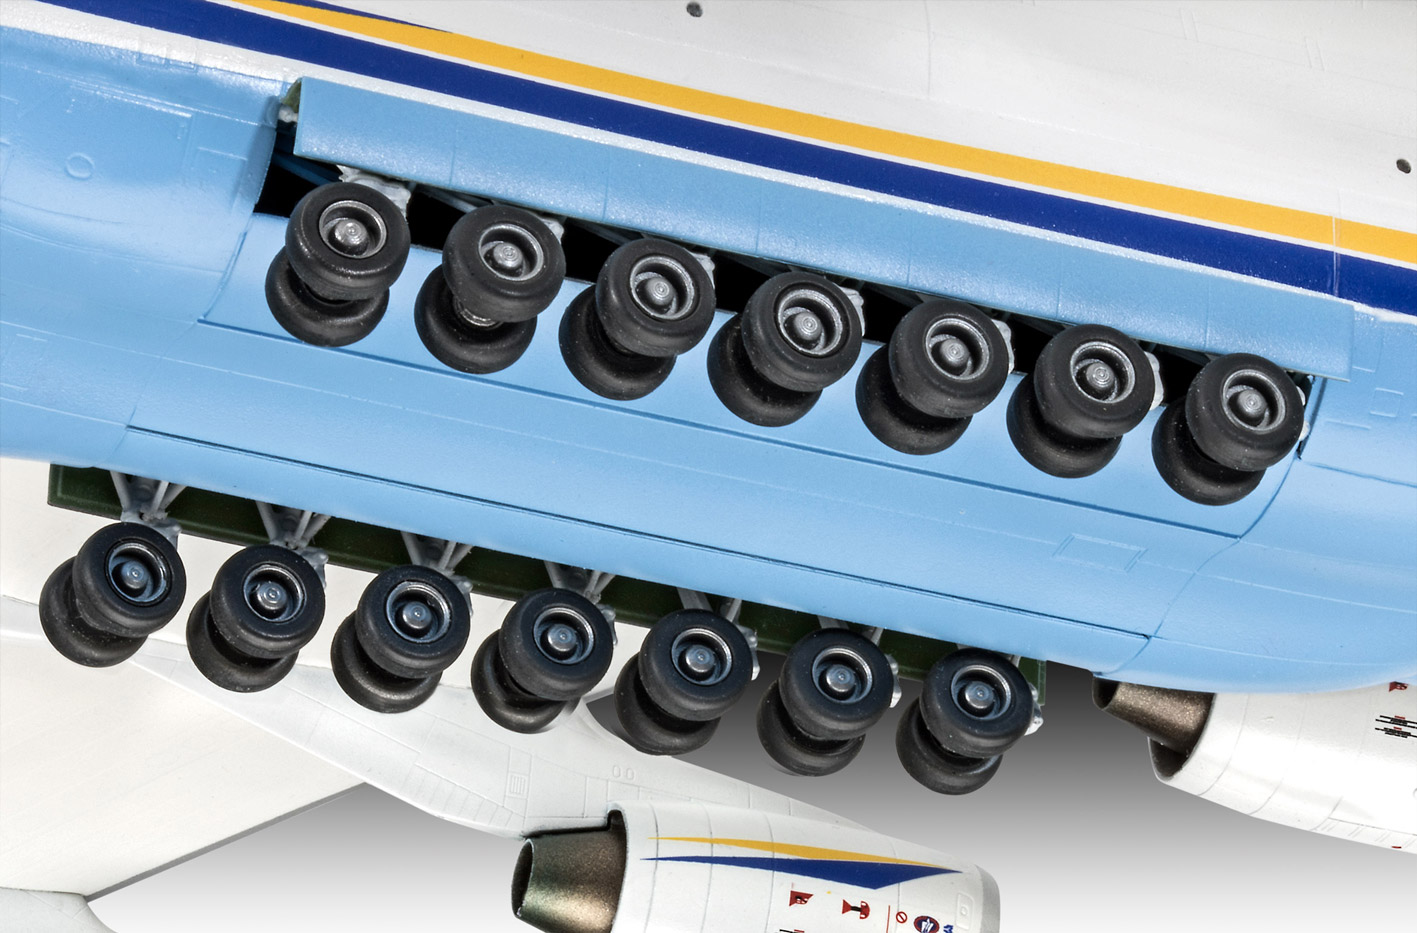 antonov an 225 mrija 1 144 dopravní letadla model4all modely